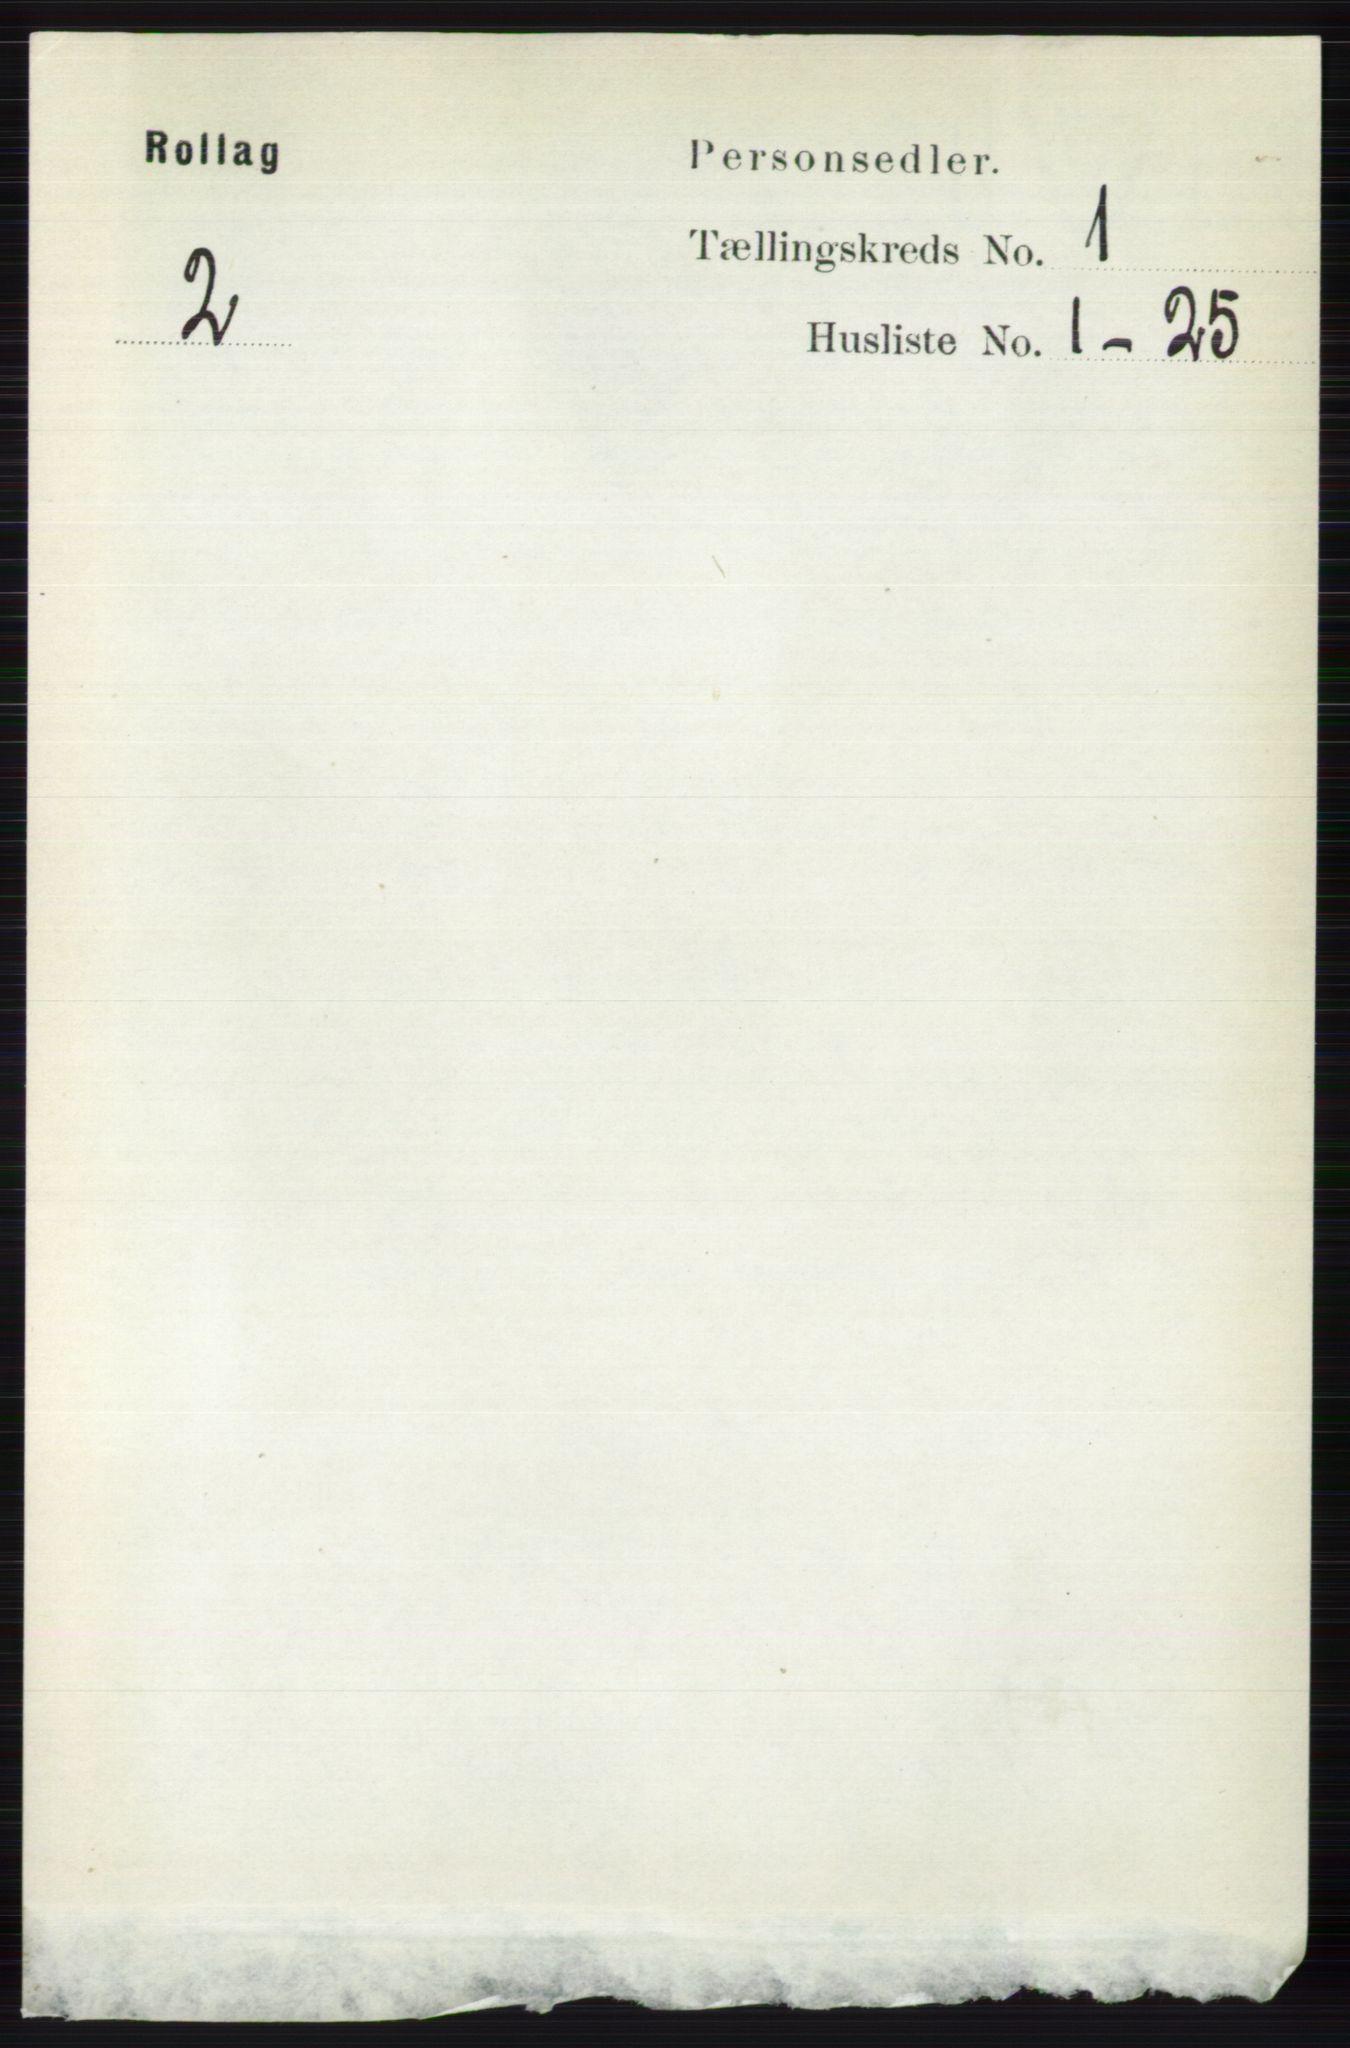 RA, Folketelling 1891 for 0632 Rollag herred, 1891, s. 71